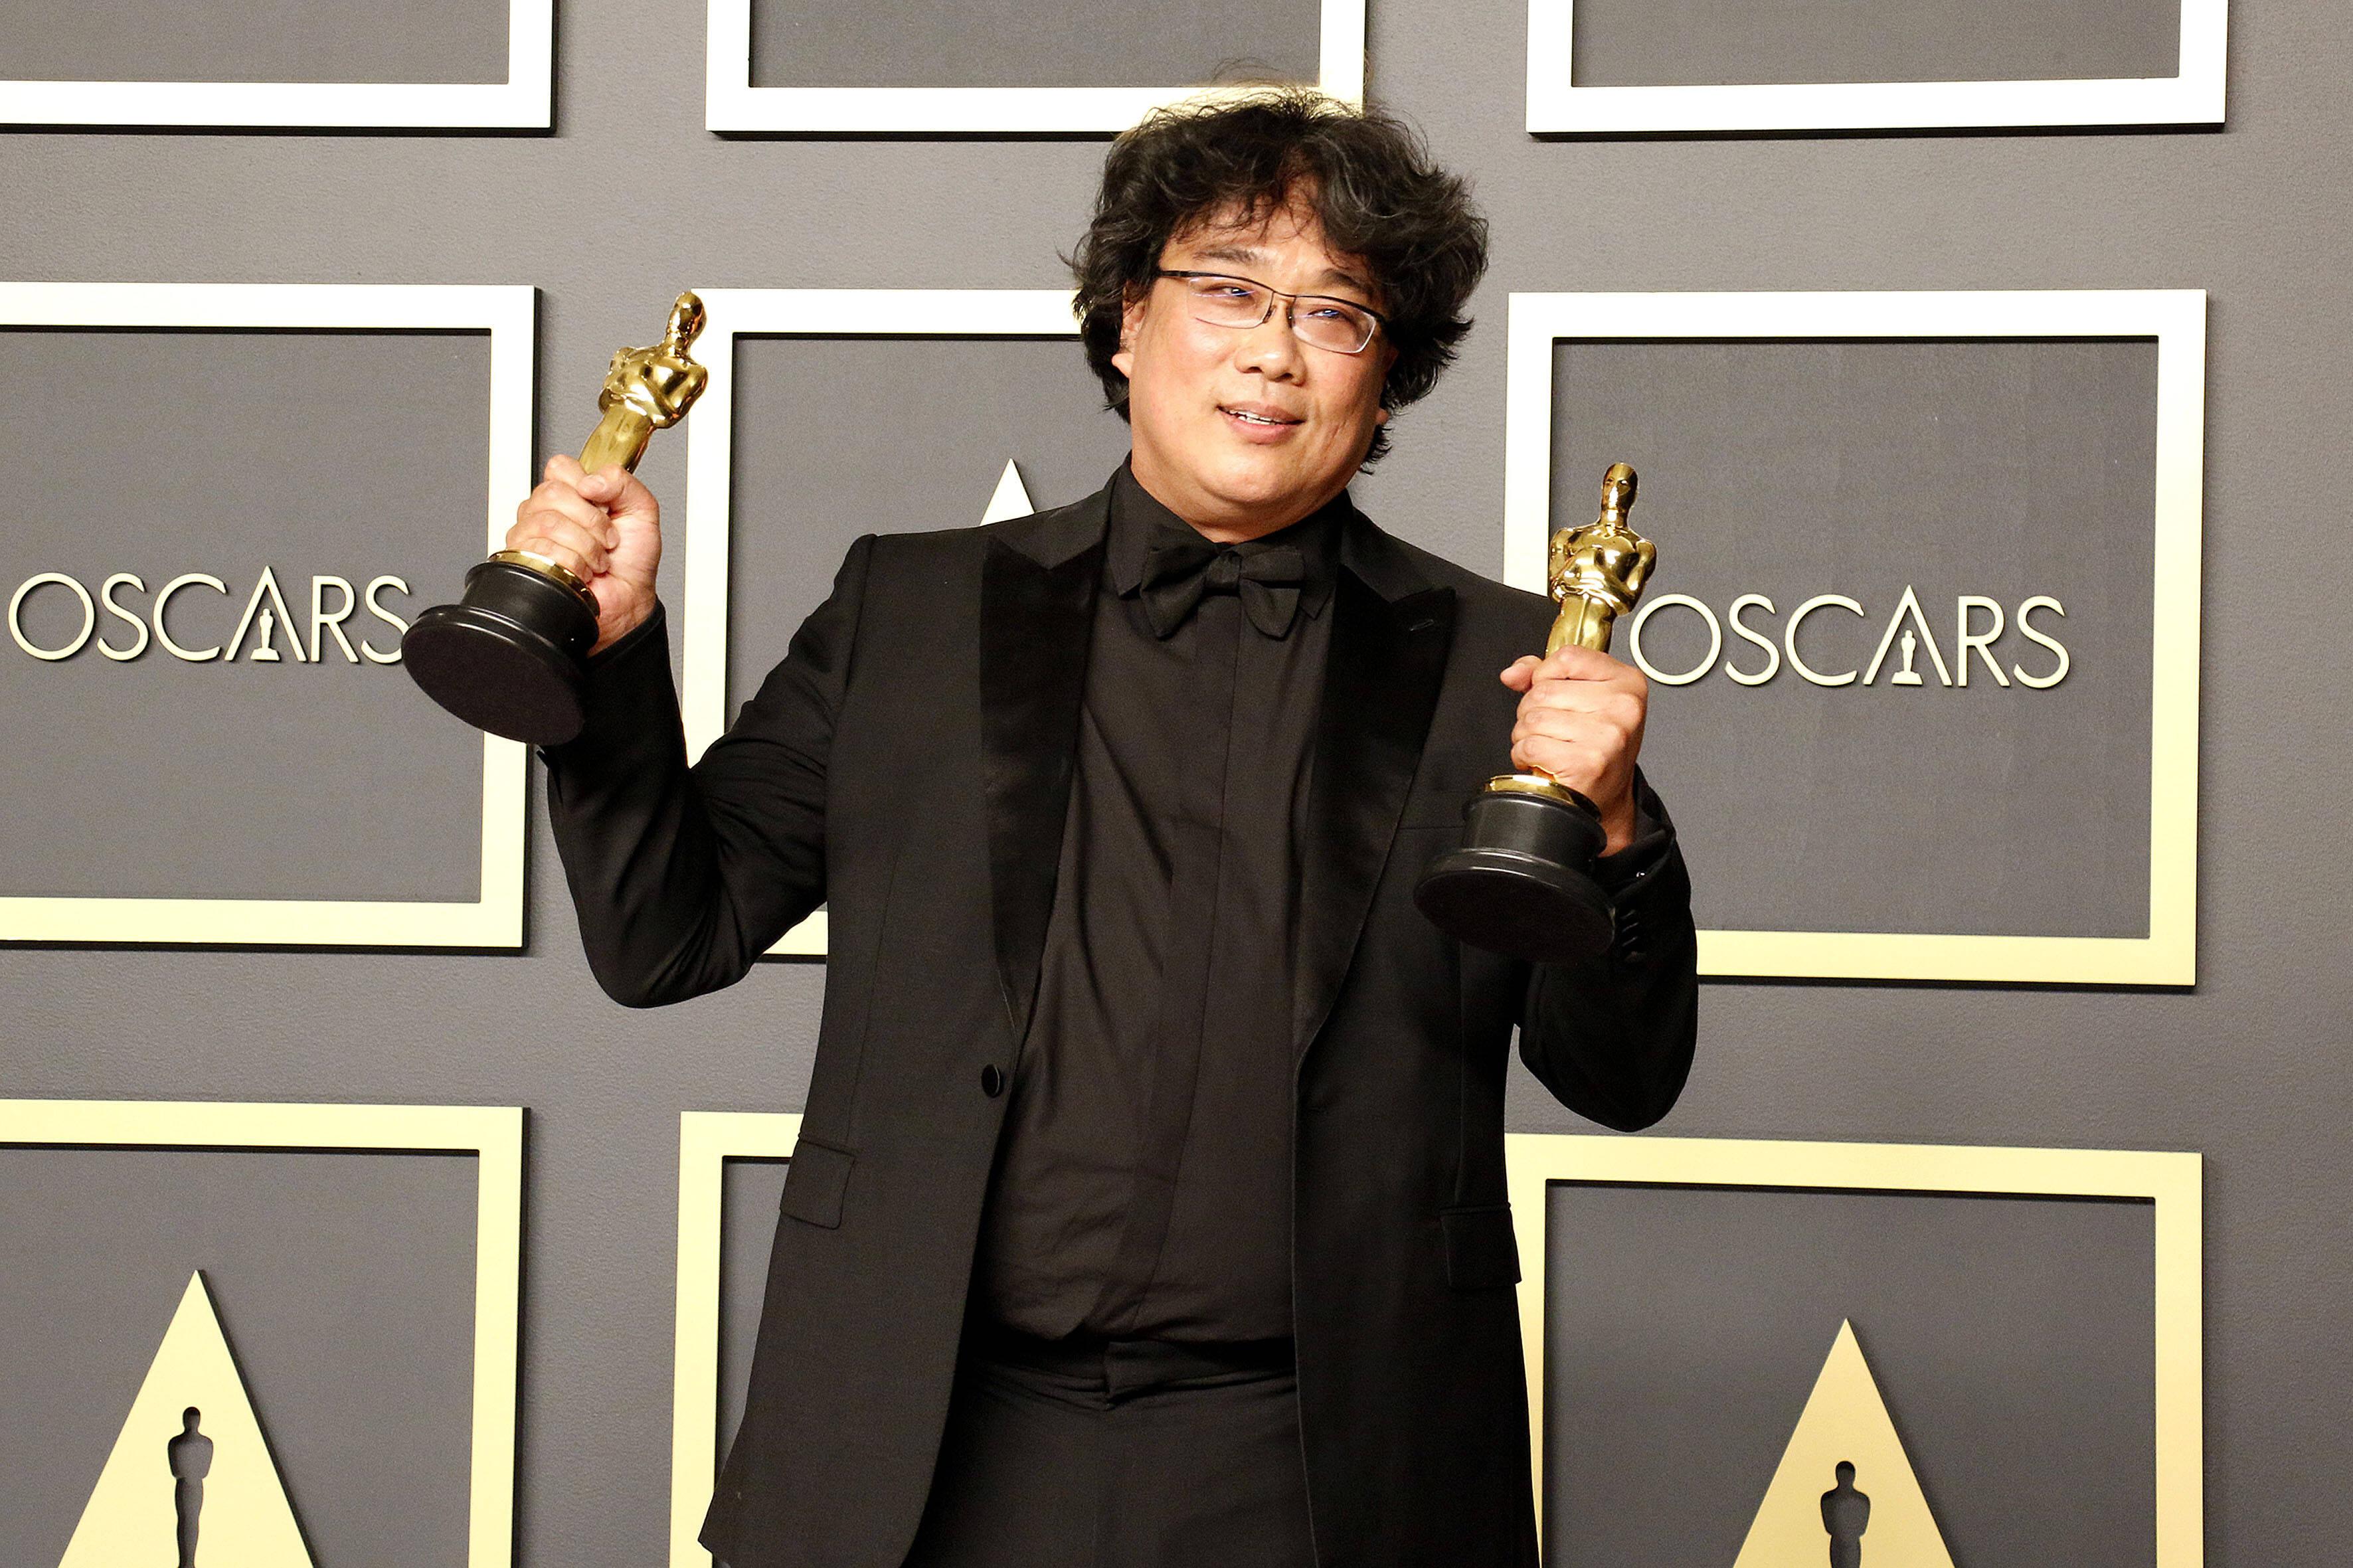 Wann Ist Oscar Verleihung